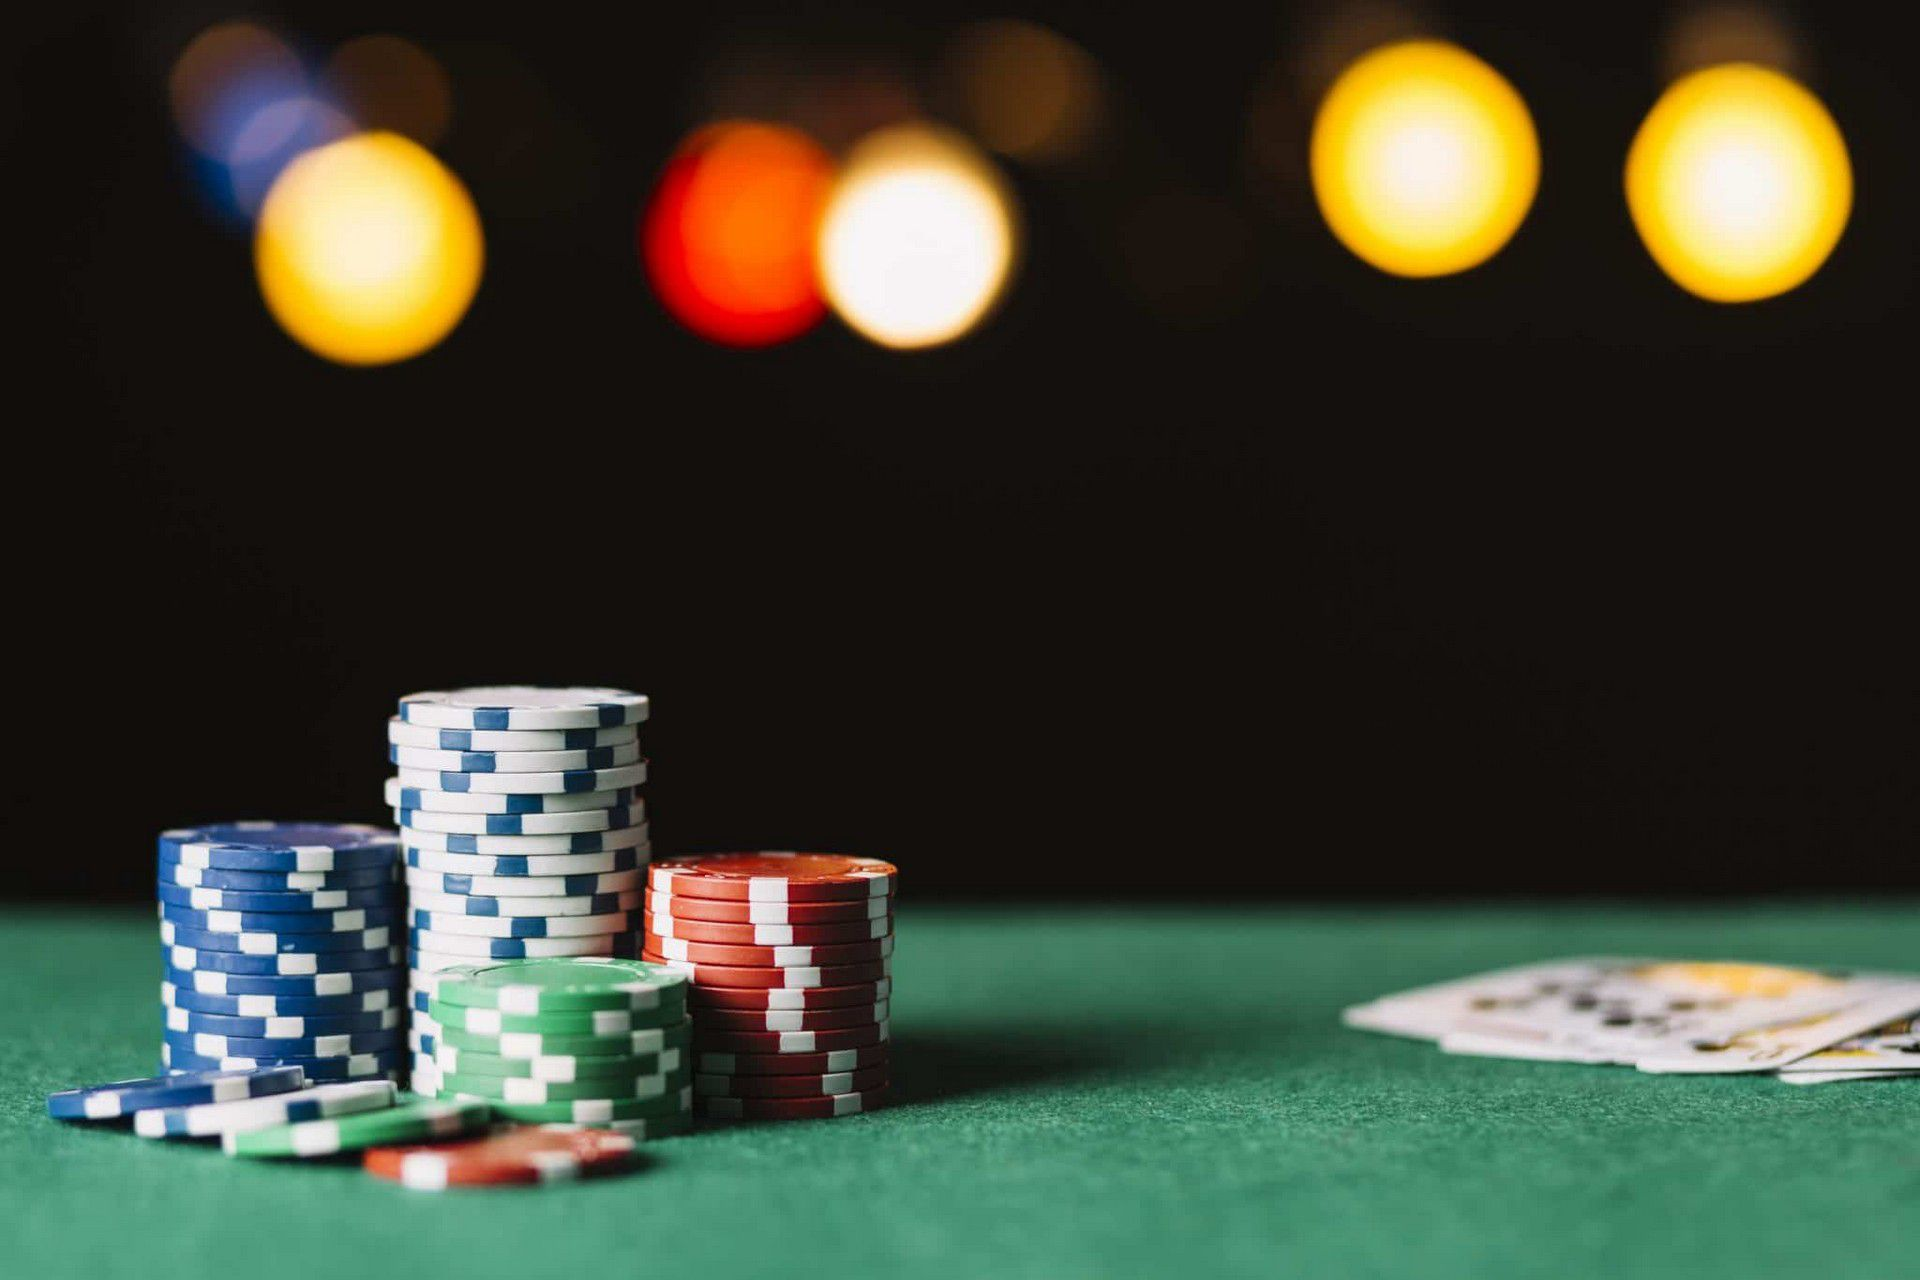 線上 真人百家樂, 真人賭場 何謂線上真人百家樂的「真人賭場優勢」?,對判斷哪種賭戲是不適合你有決定性的影響力